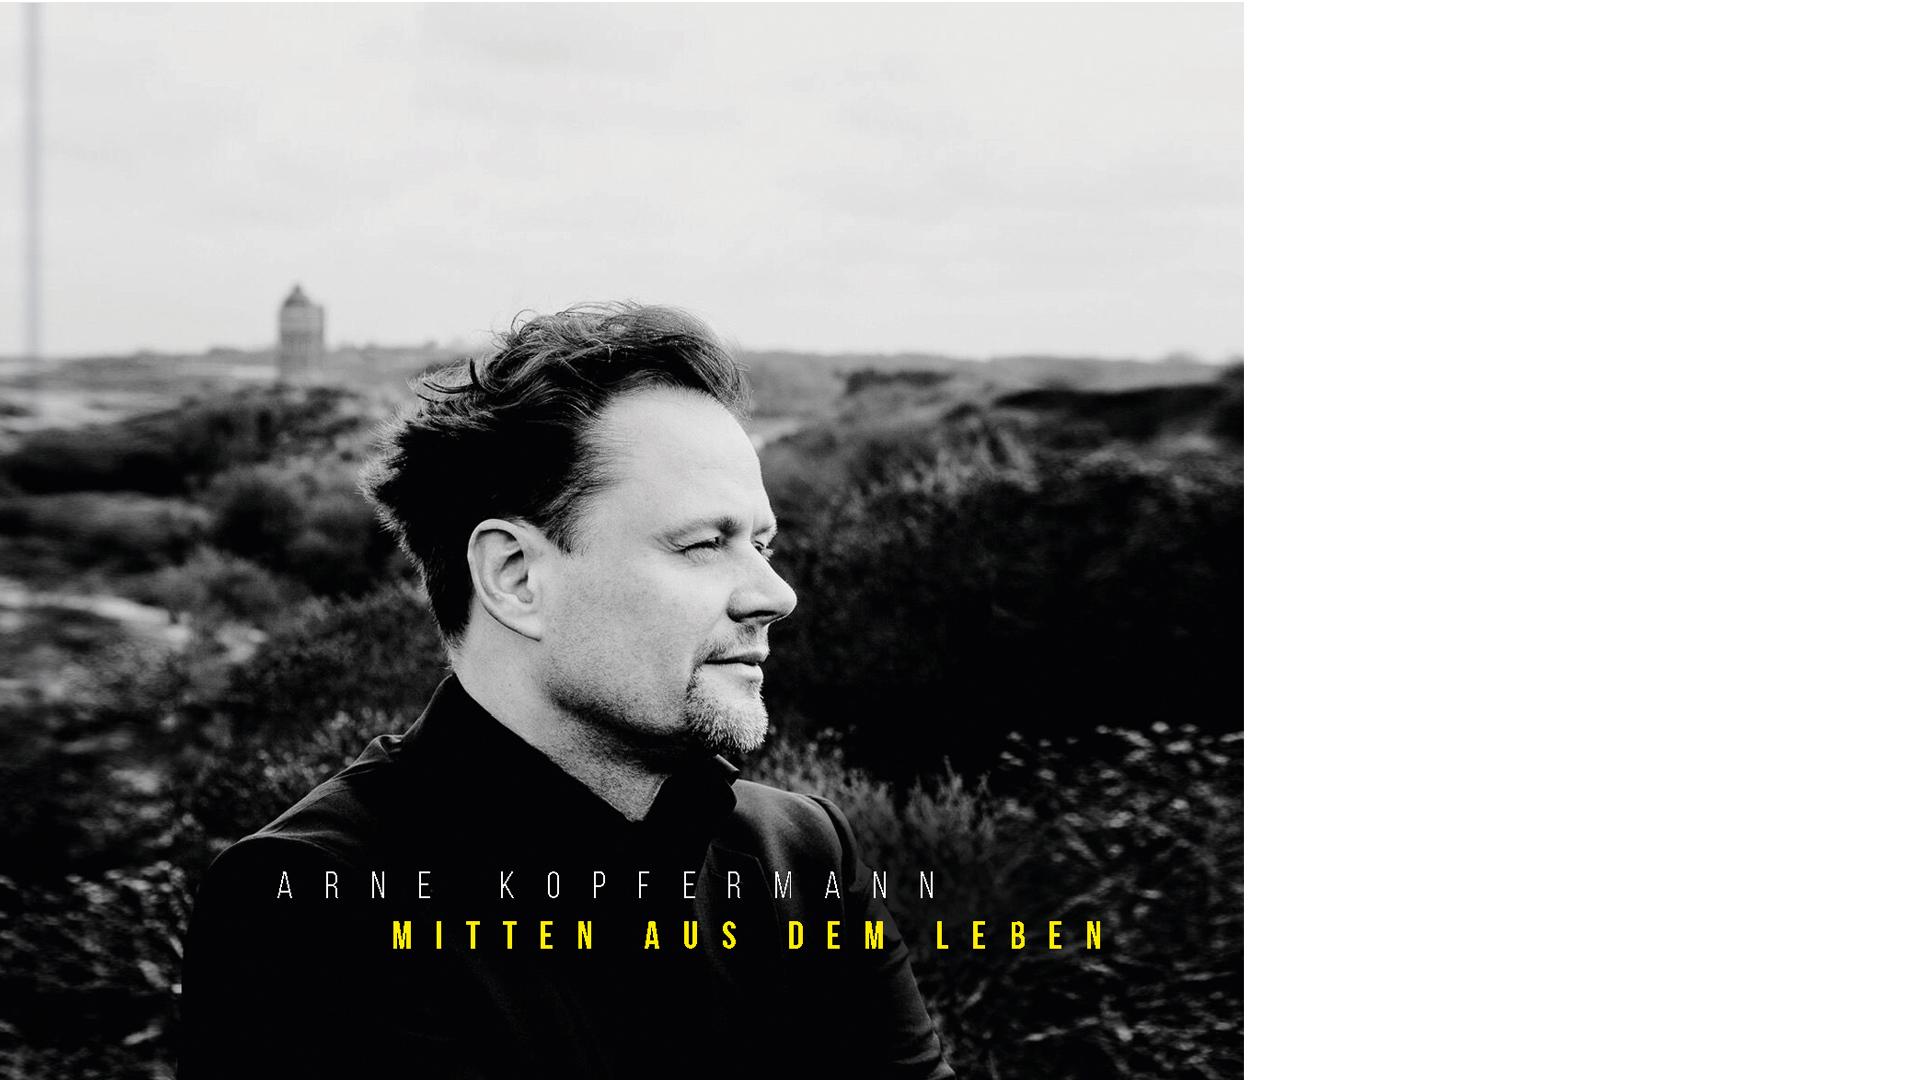 """Arne Kopfermann: """"Mitten aus dem Leben"""", Gerth Medien, 272 Seiten, 15 Euro, ISBN 9783957342379. Die Doppel-CD: SCM Hänssler, 33 Titel, 16,99 Euro. ASIN B071Y8K82T. Kopfermann spendet alle Einnahmen aus dem Projekt."""